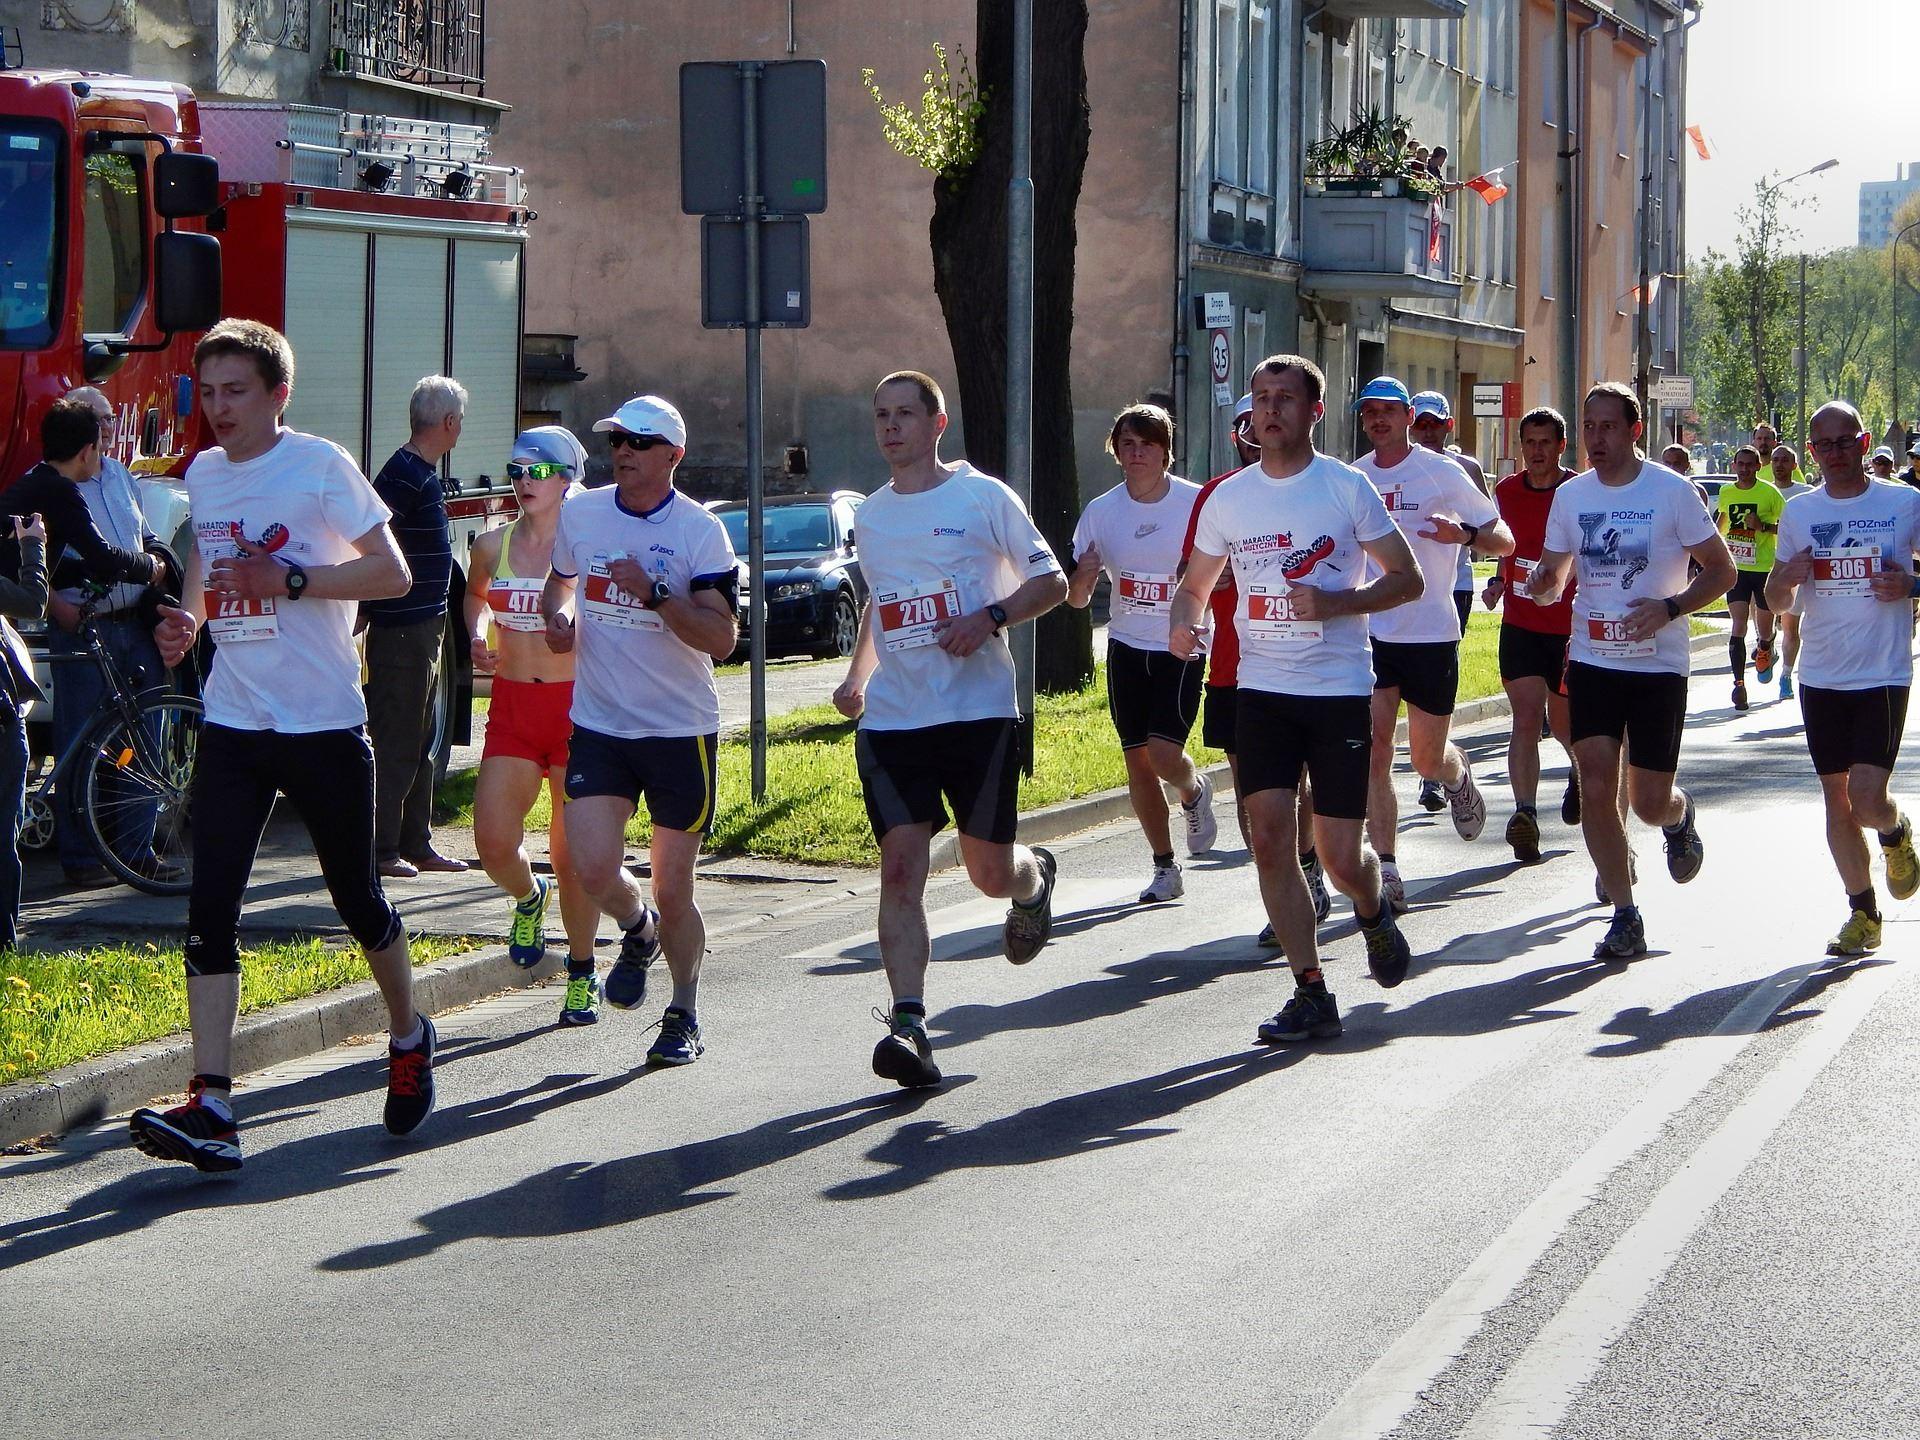 farnham pilgrim marathon